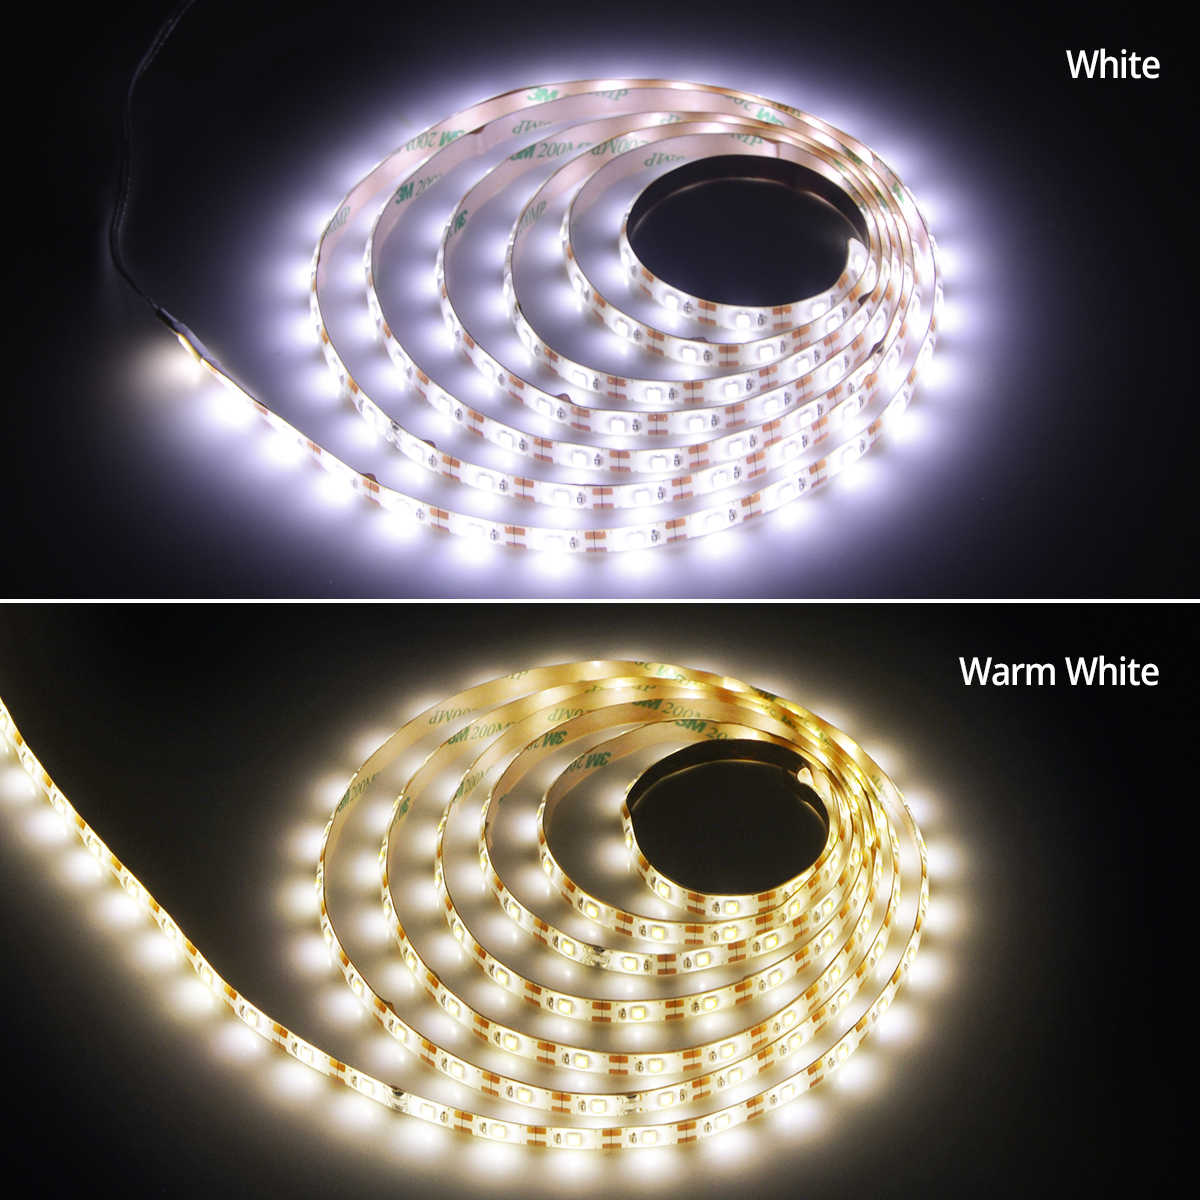 Ручной развертки сенсор светодиодный светильник полосы света USB 5 в умный сенсорный переключатель лампа для ТВ ПОДСВЕТКА шкафа украшения дома светодиоды освещение трубки